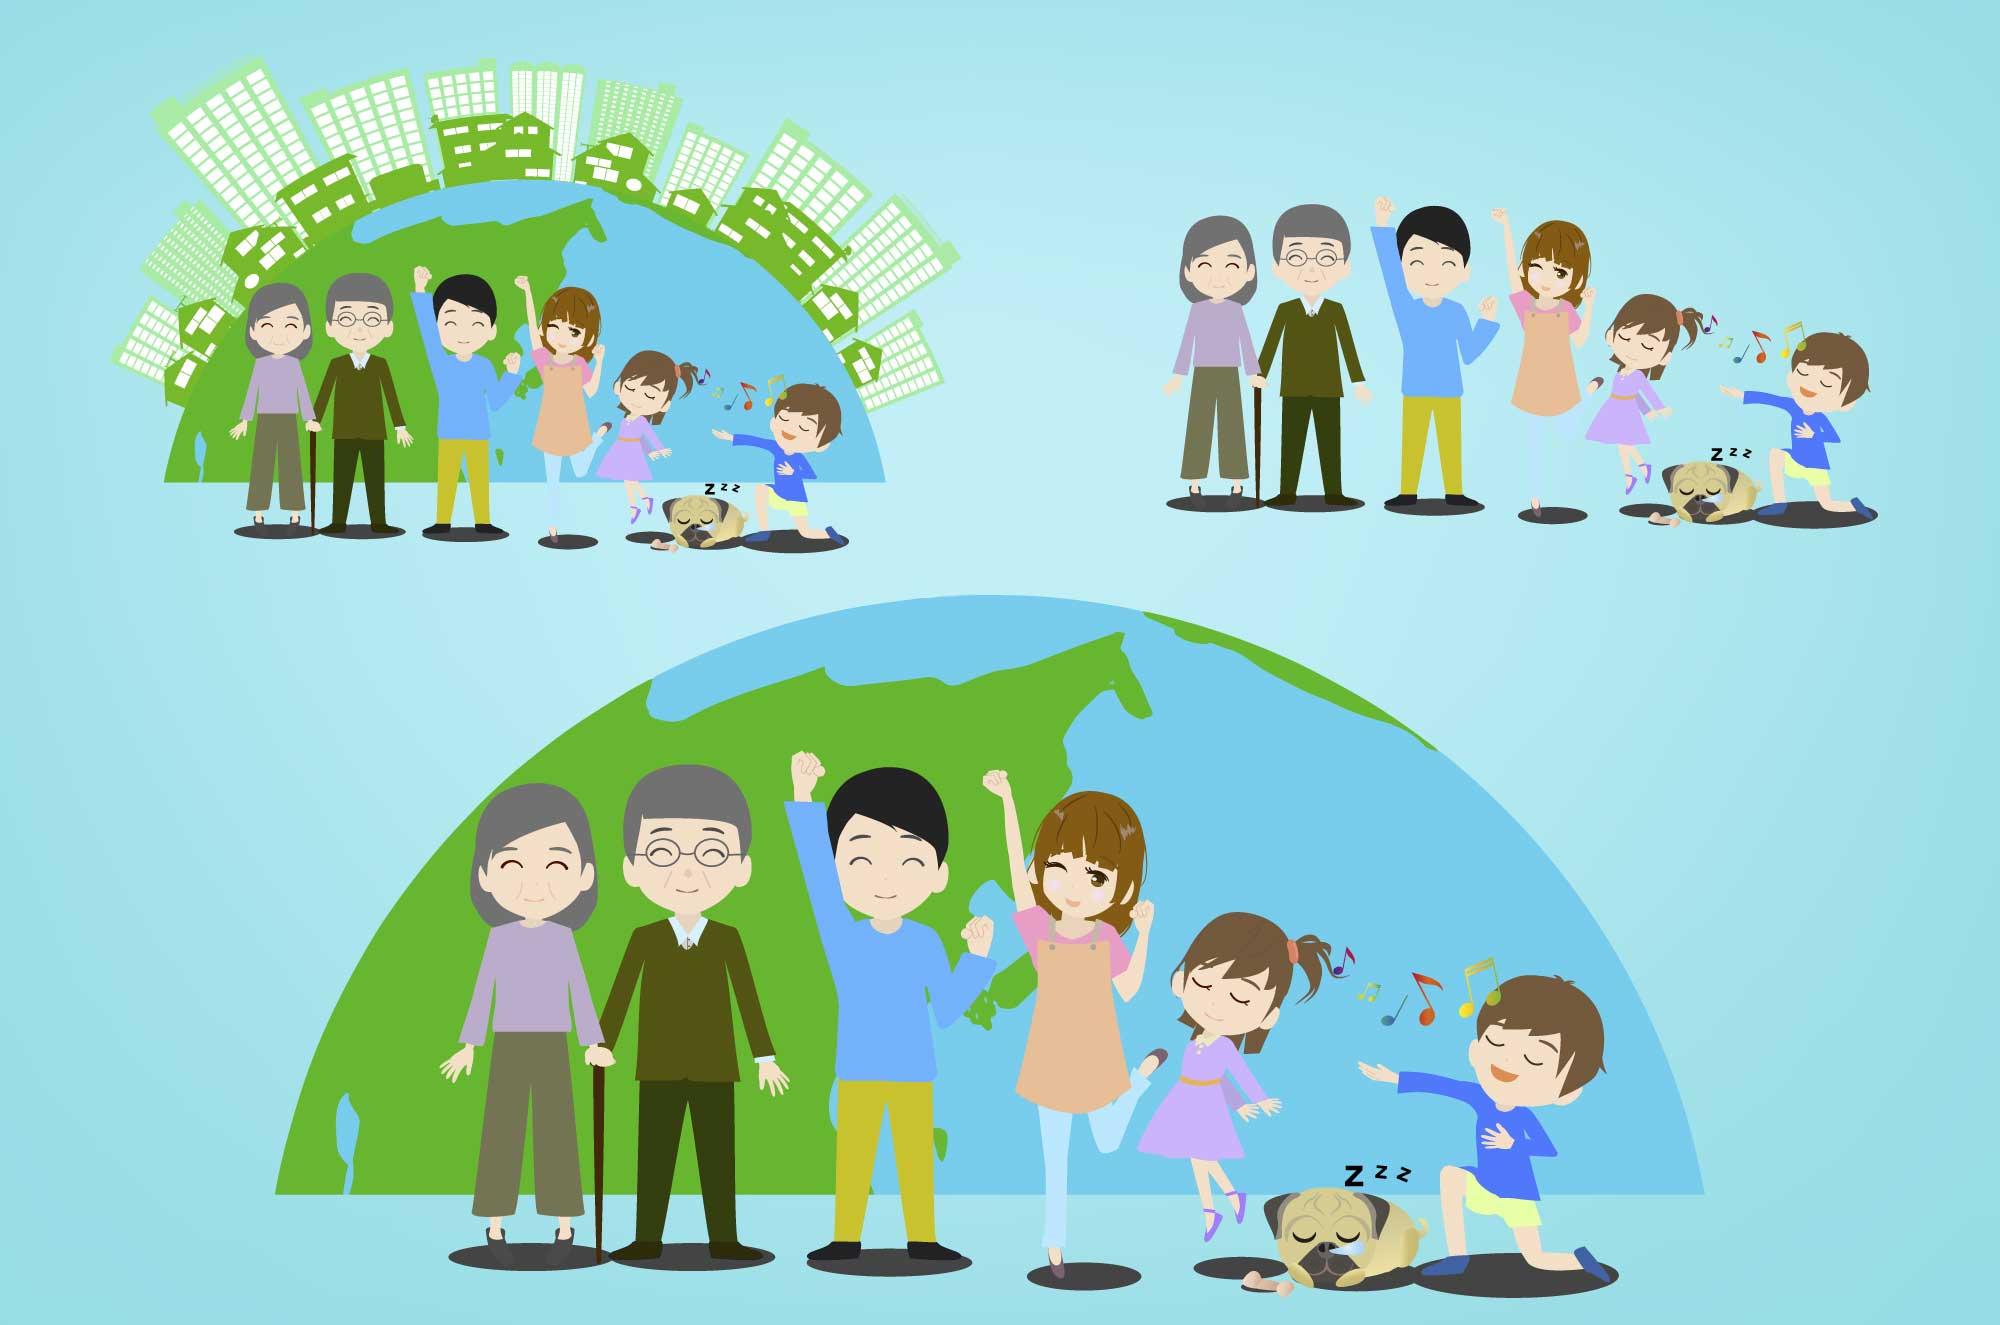 エコな家族のイメージと風景フリーイラスト無料素材